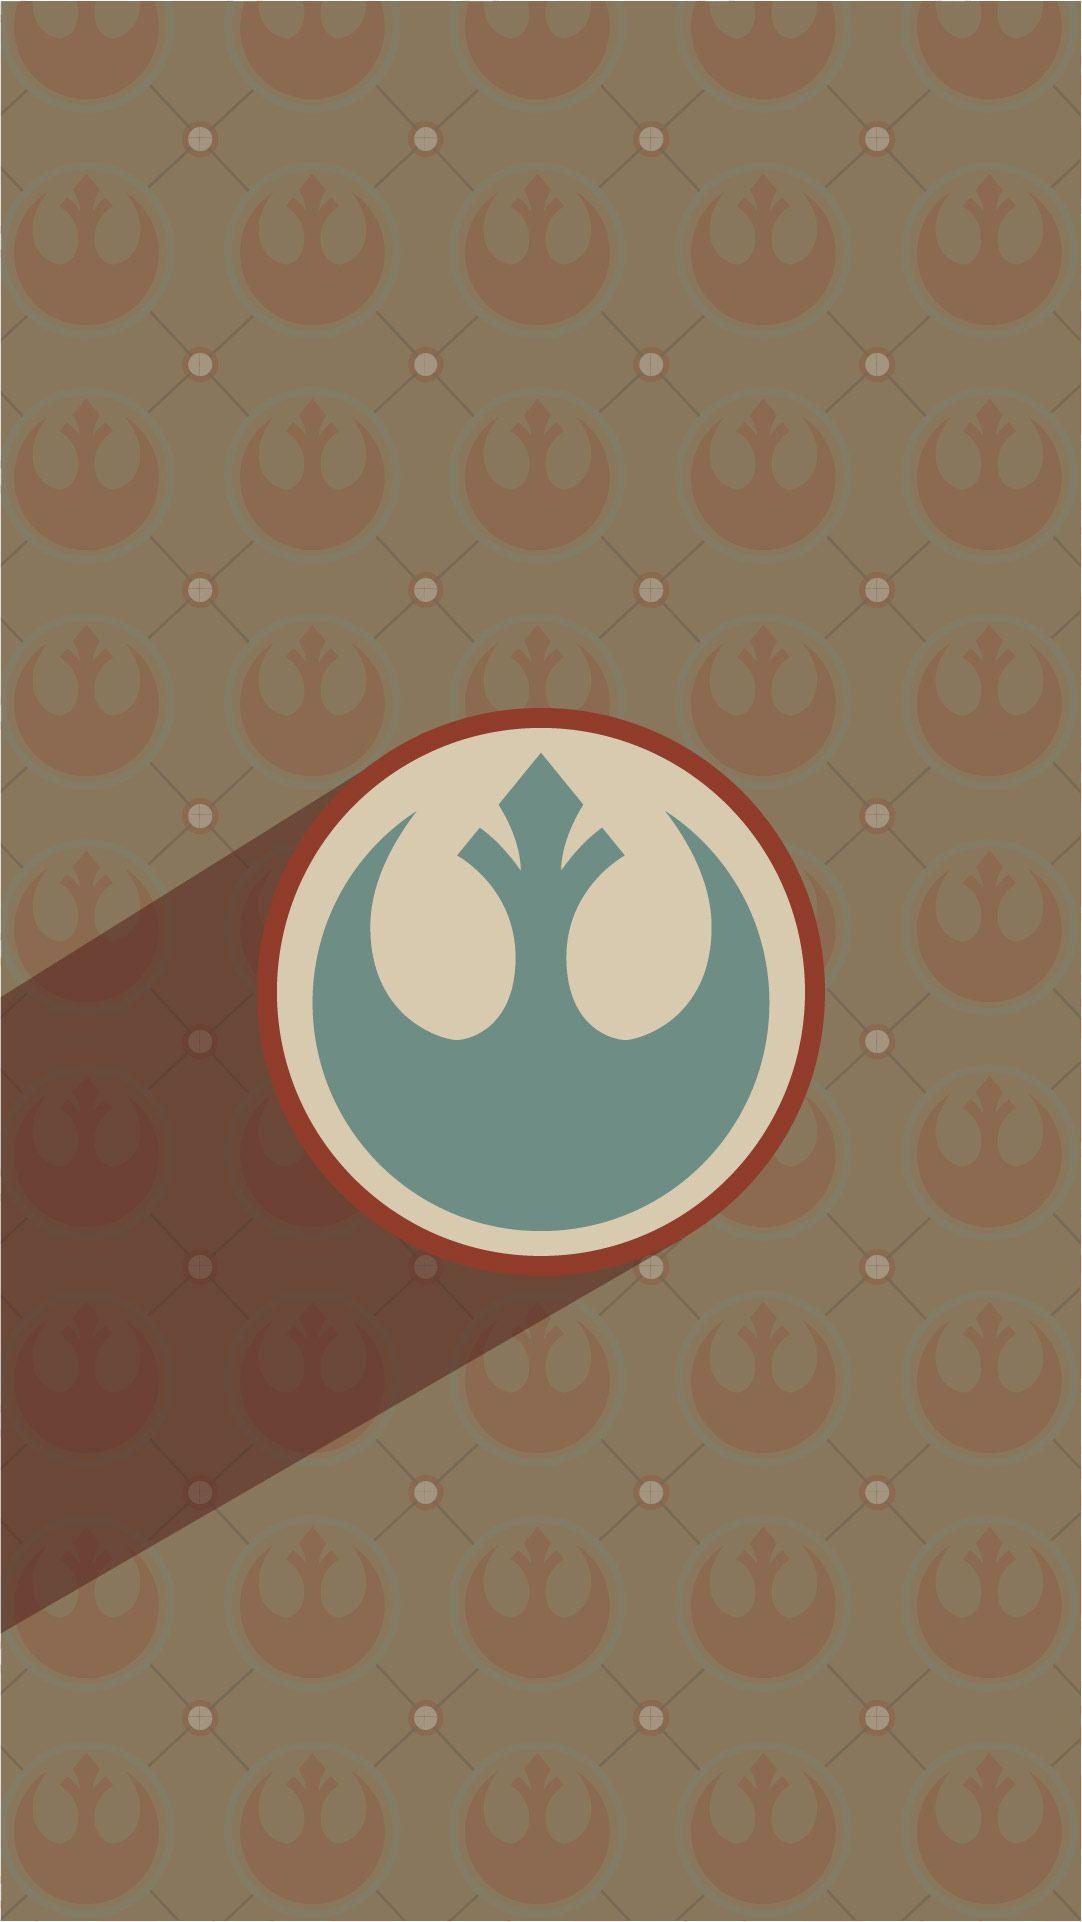 Rebel Star Wars iPhone Wallpapers - Top Free Rebel Star Wars